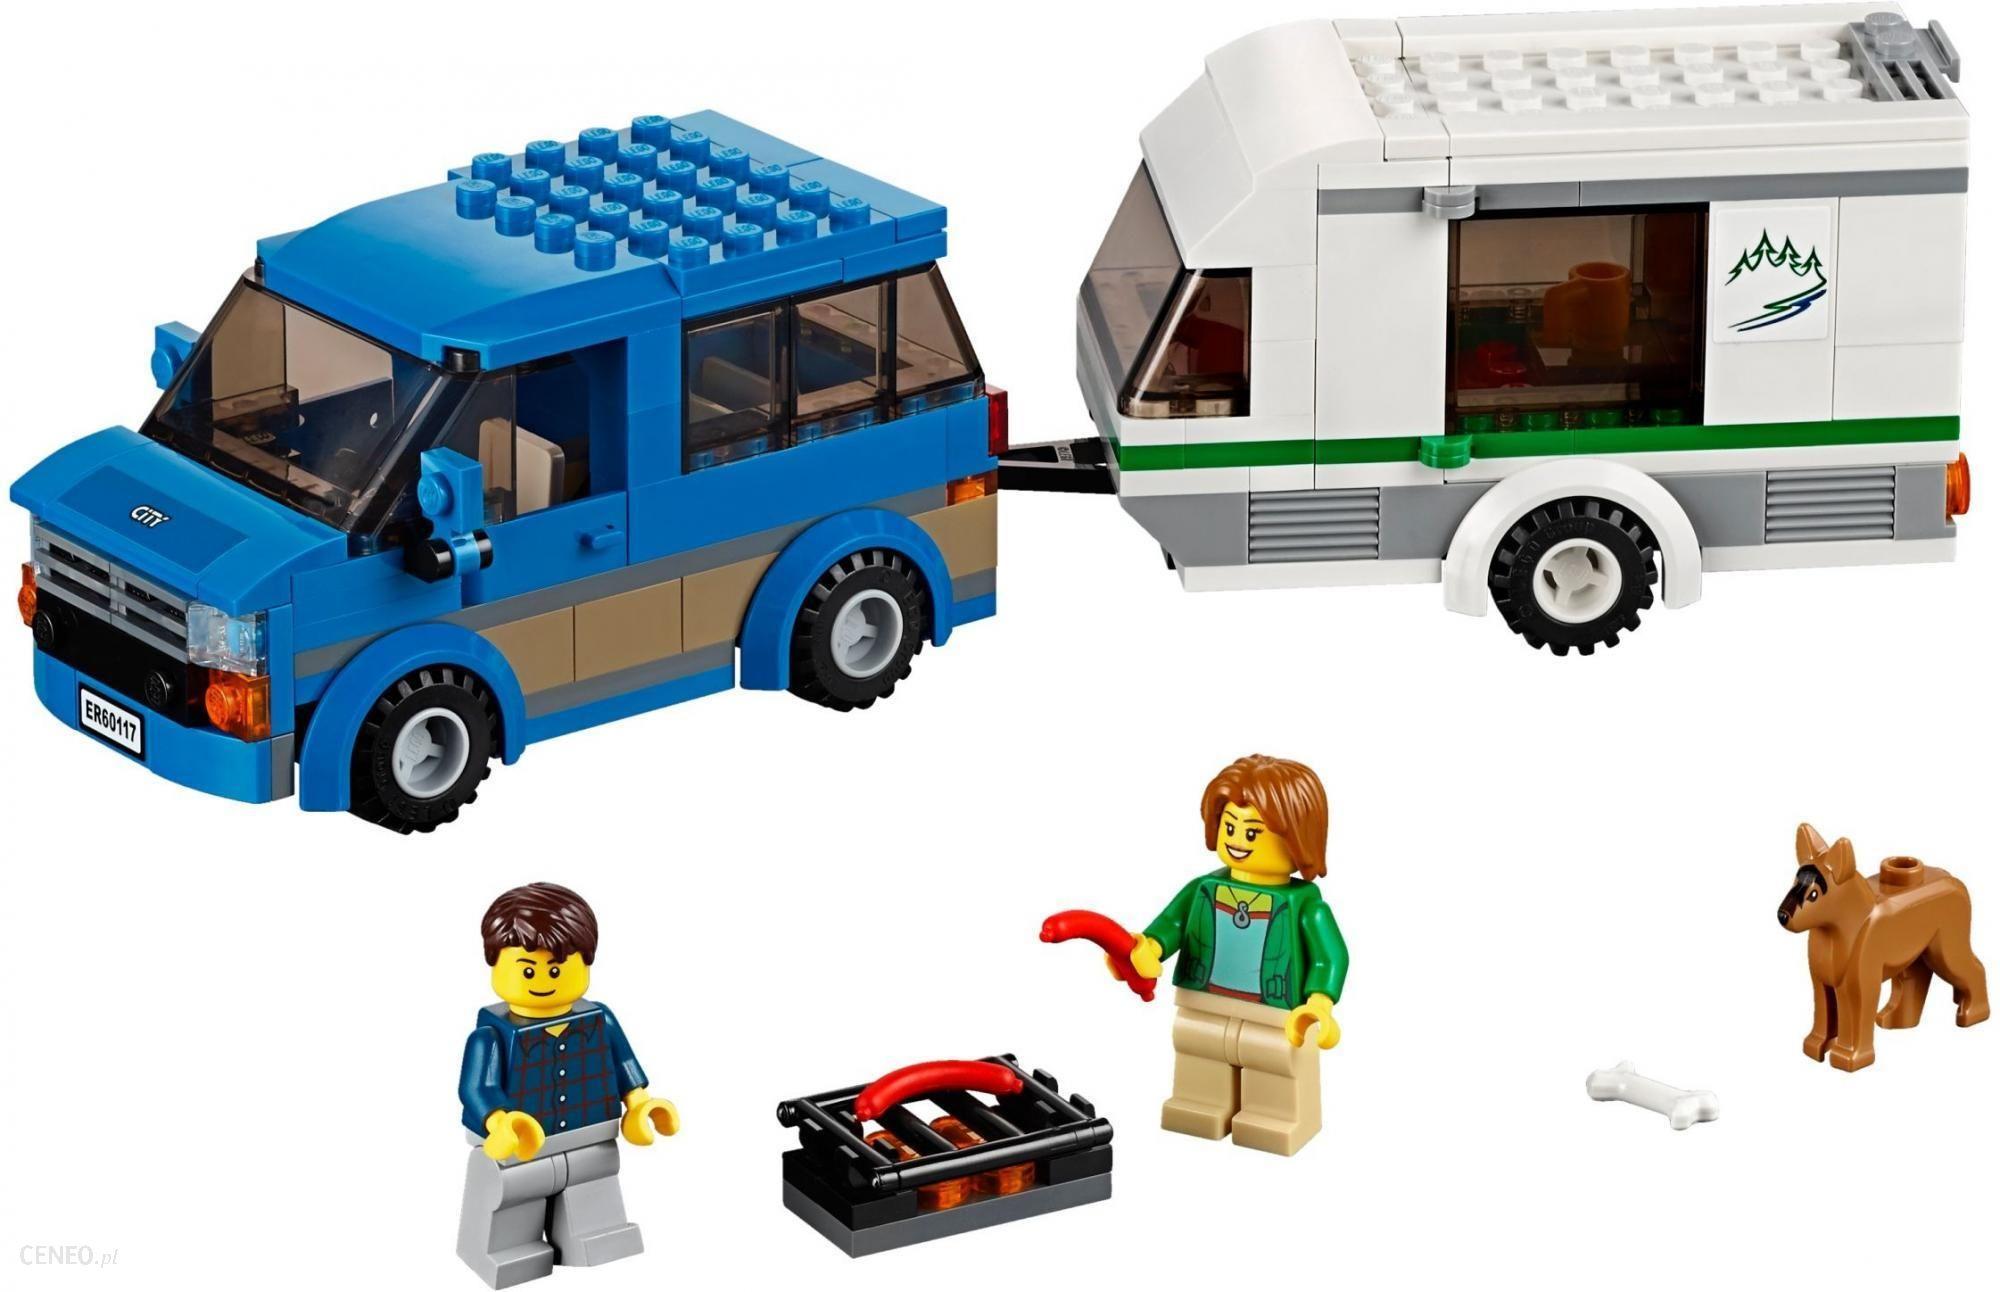 Klocki Lego City Van Z Przyczepą Kempingową 60117 Ceny I Opinie